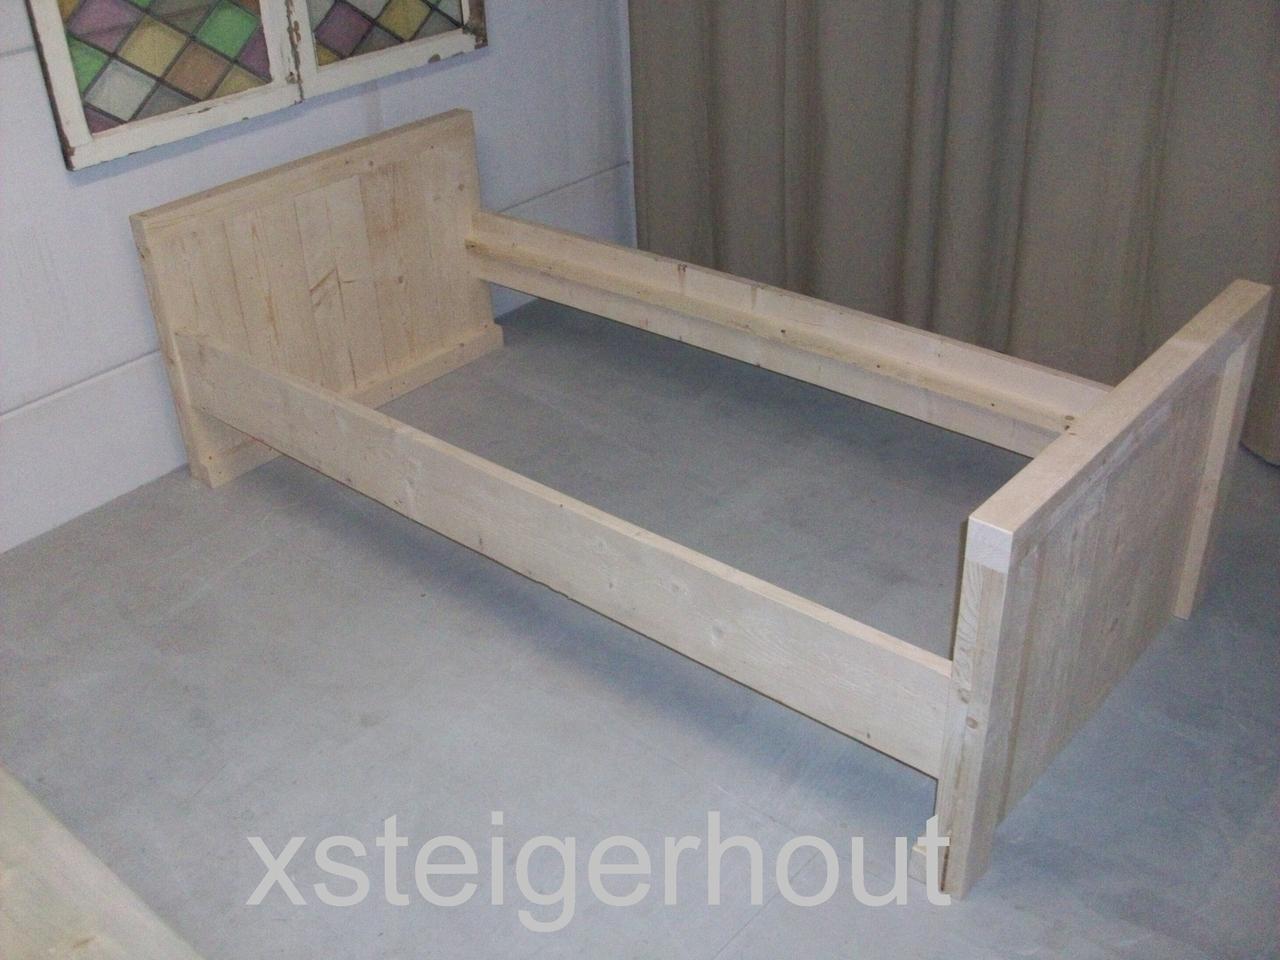 Betere Steigerhout bed bouwpakket - xsteigerhout UJ-18